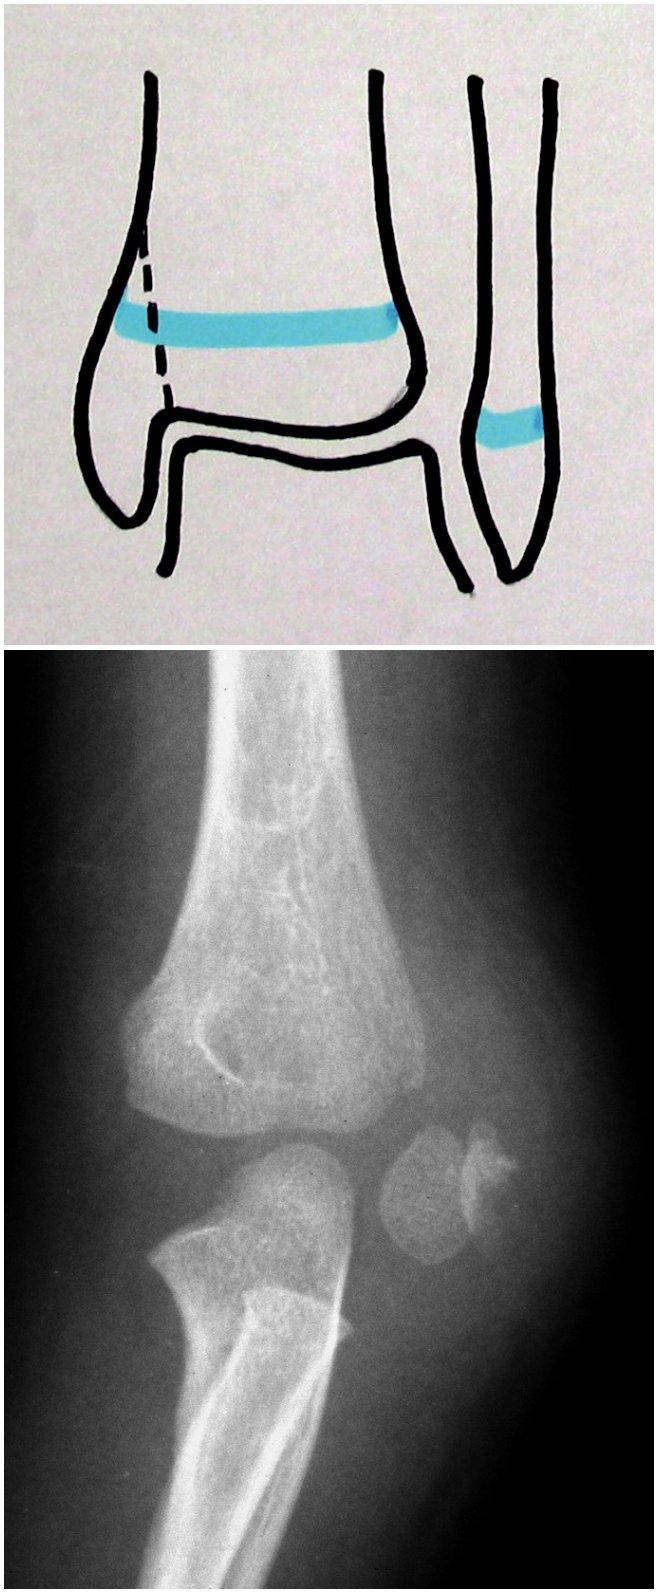 a. Zlomenina epifýzy typ Salter-Harris IV (schéma). b. Zlomenina radiální části kondylu humeru typ Salter-Harris IV (13r-E/4.1 dle AO klasifikace pro dětský skelet). Zlomenina epifýzy radiální části kondylu humeru s odlomením metafyzárního fragmentu.